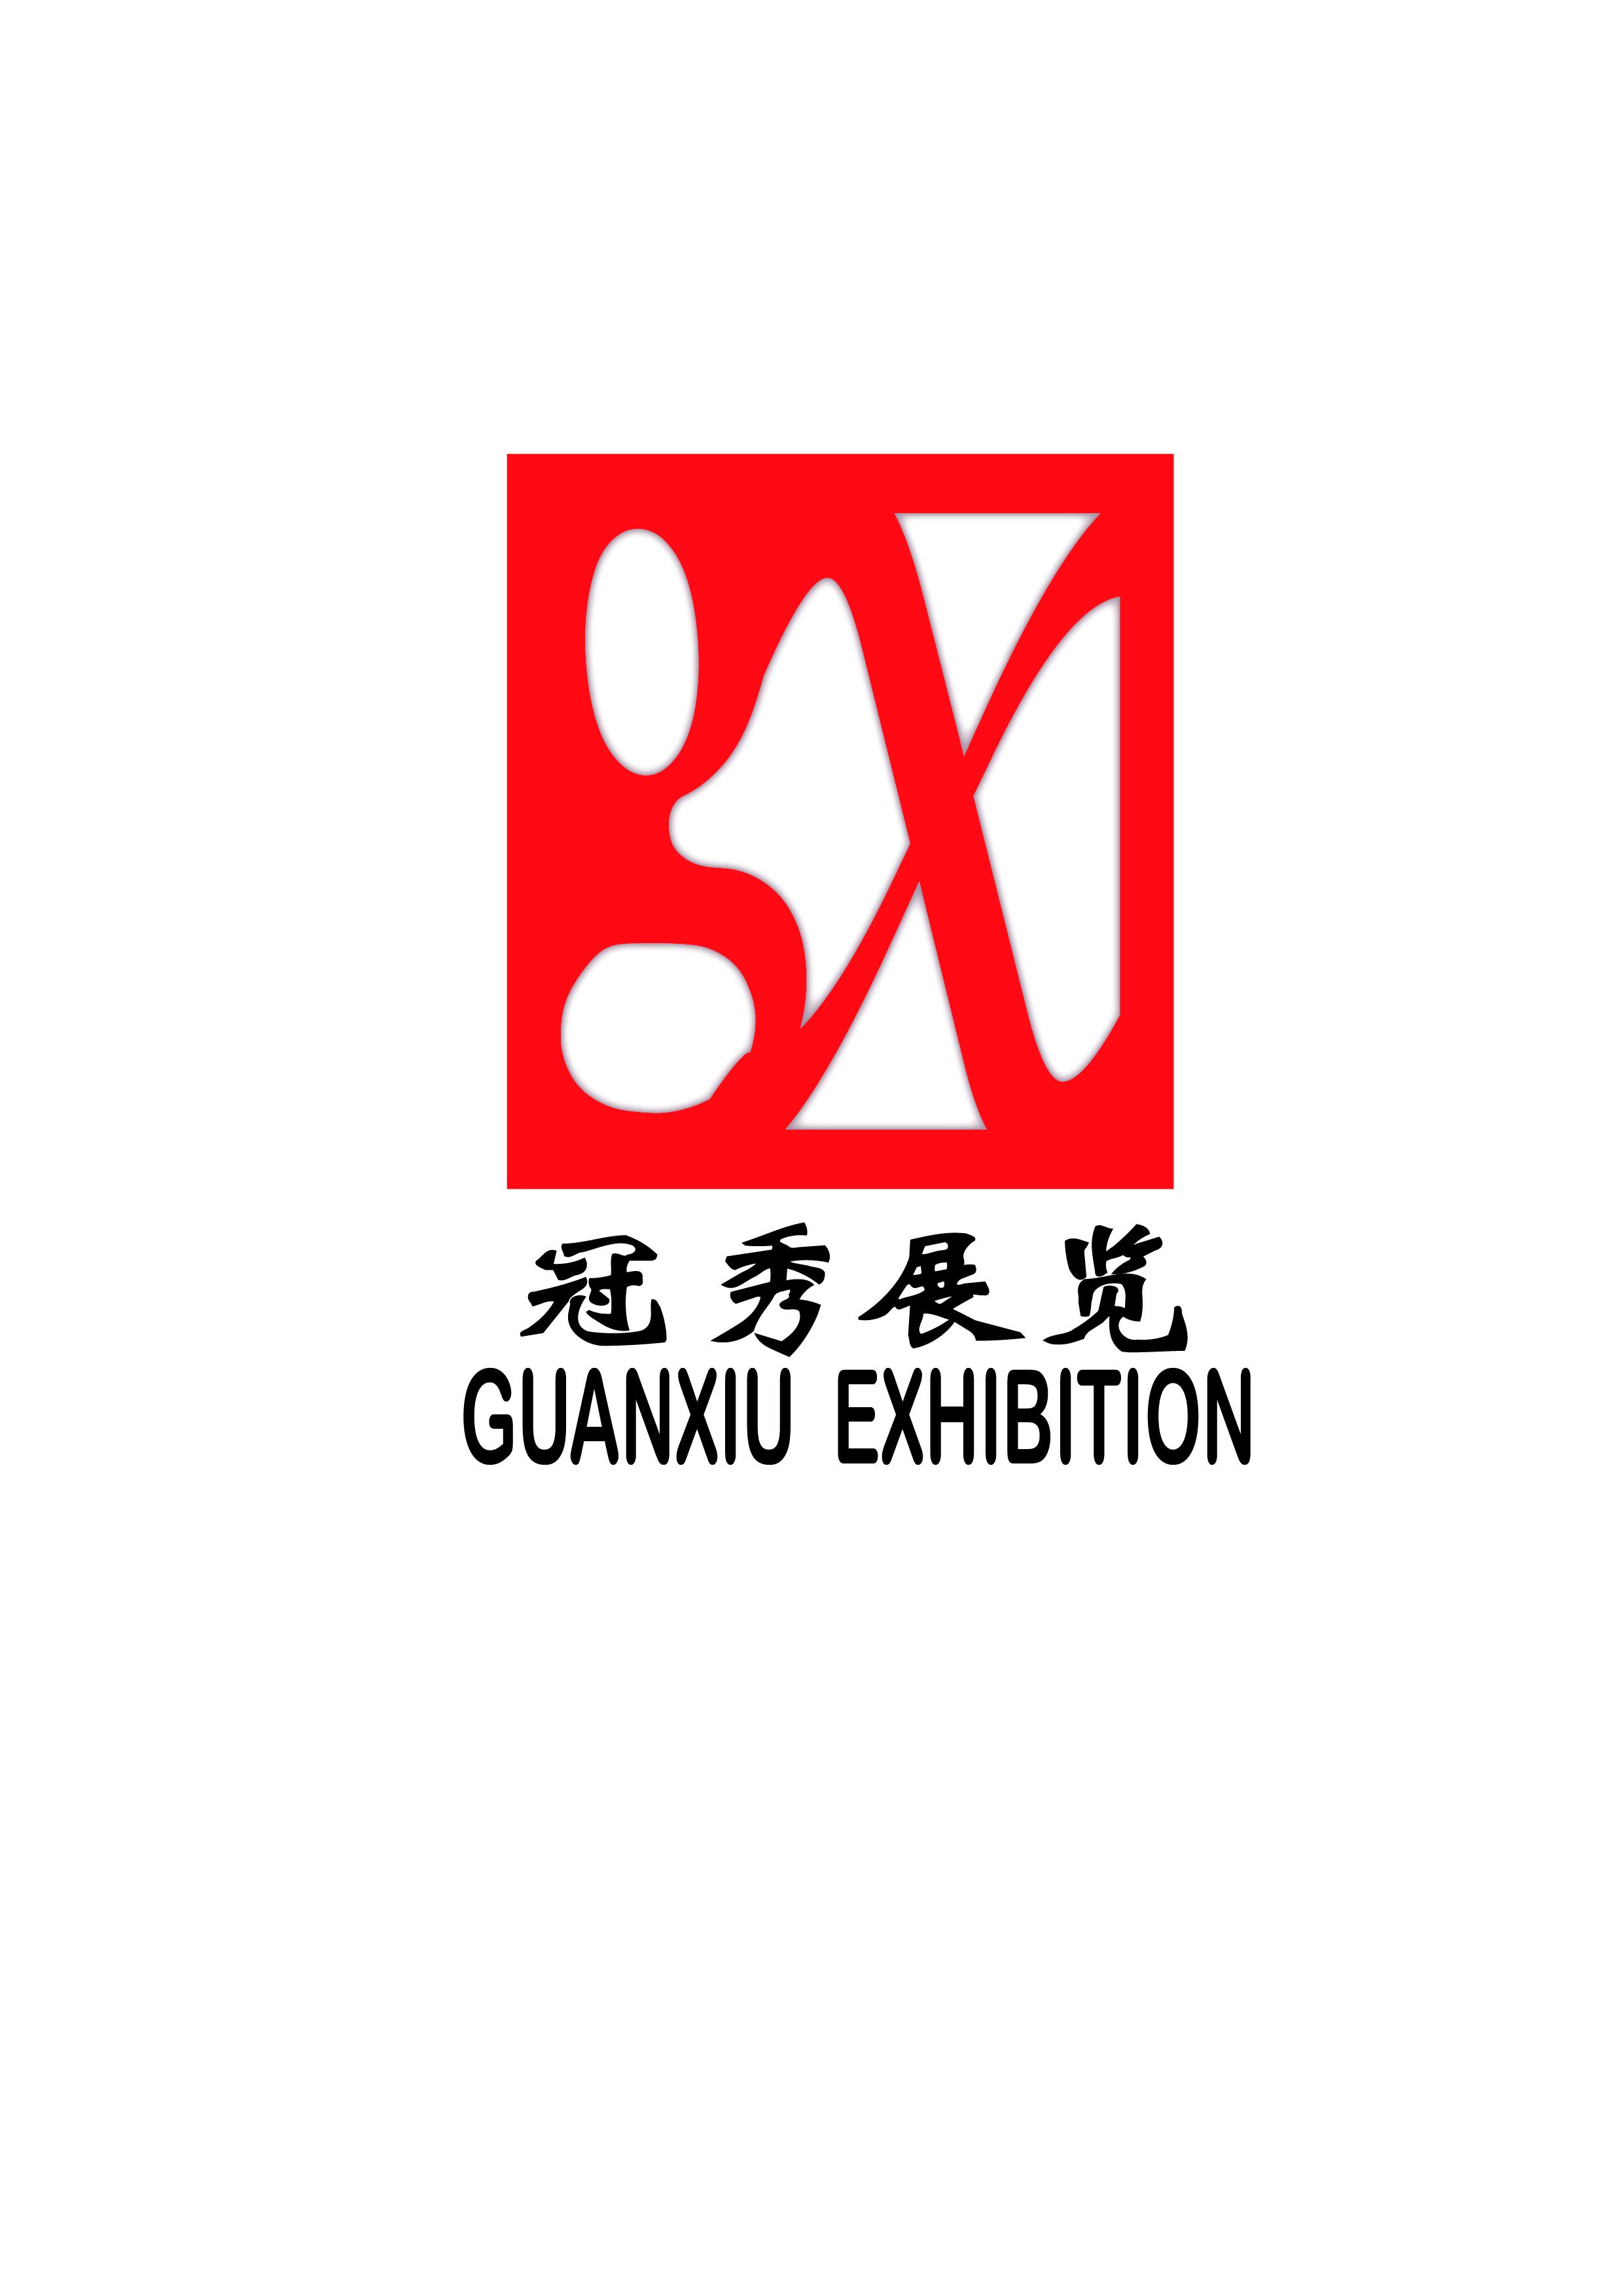 广州冠秀展览服务有限公司